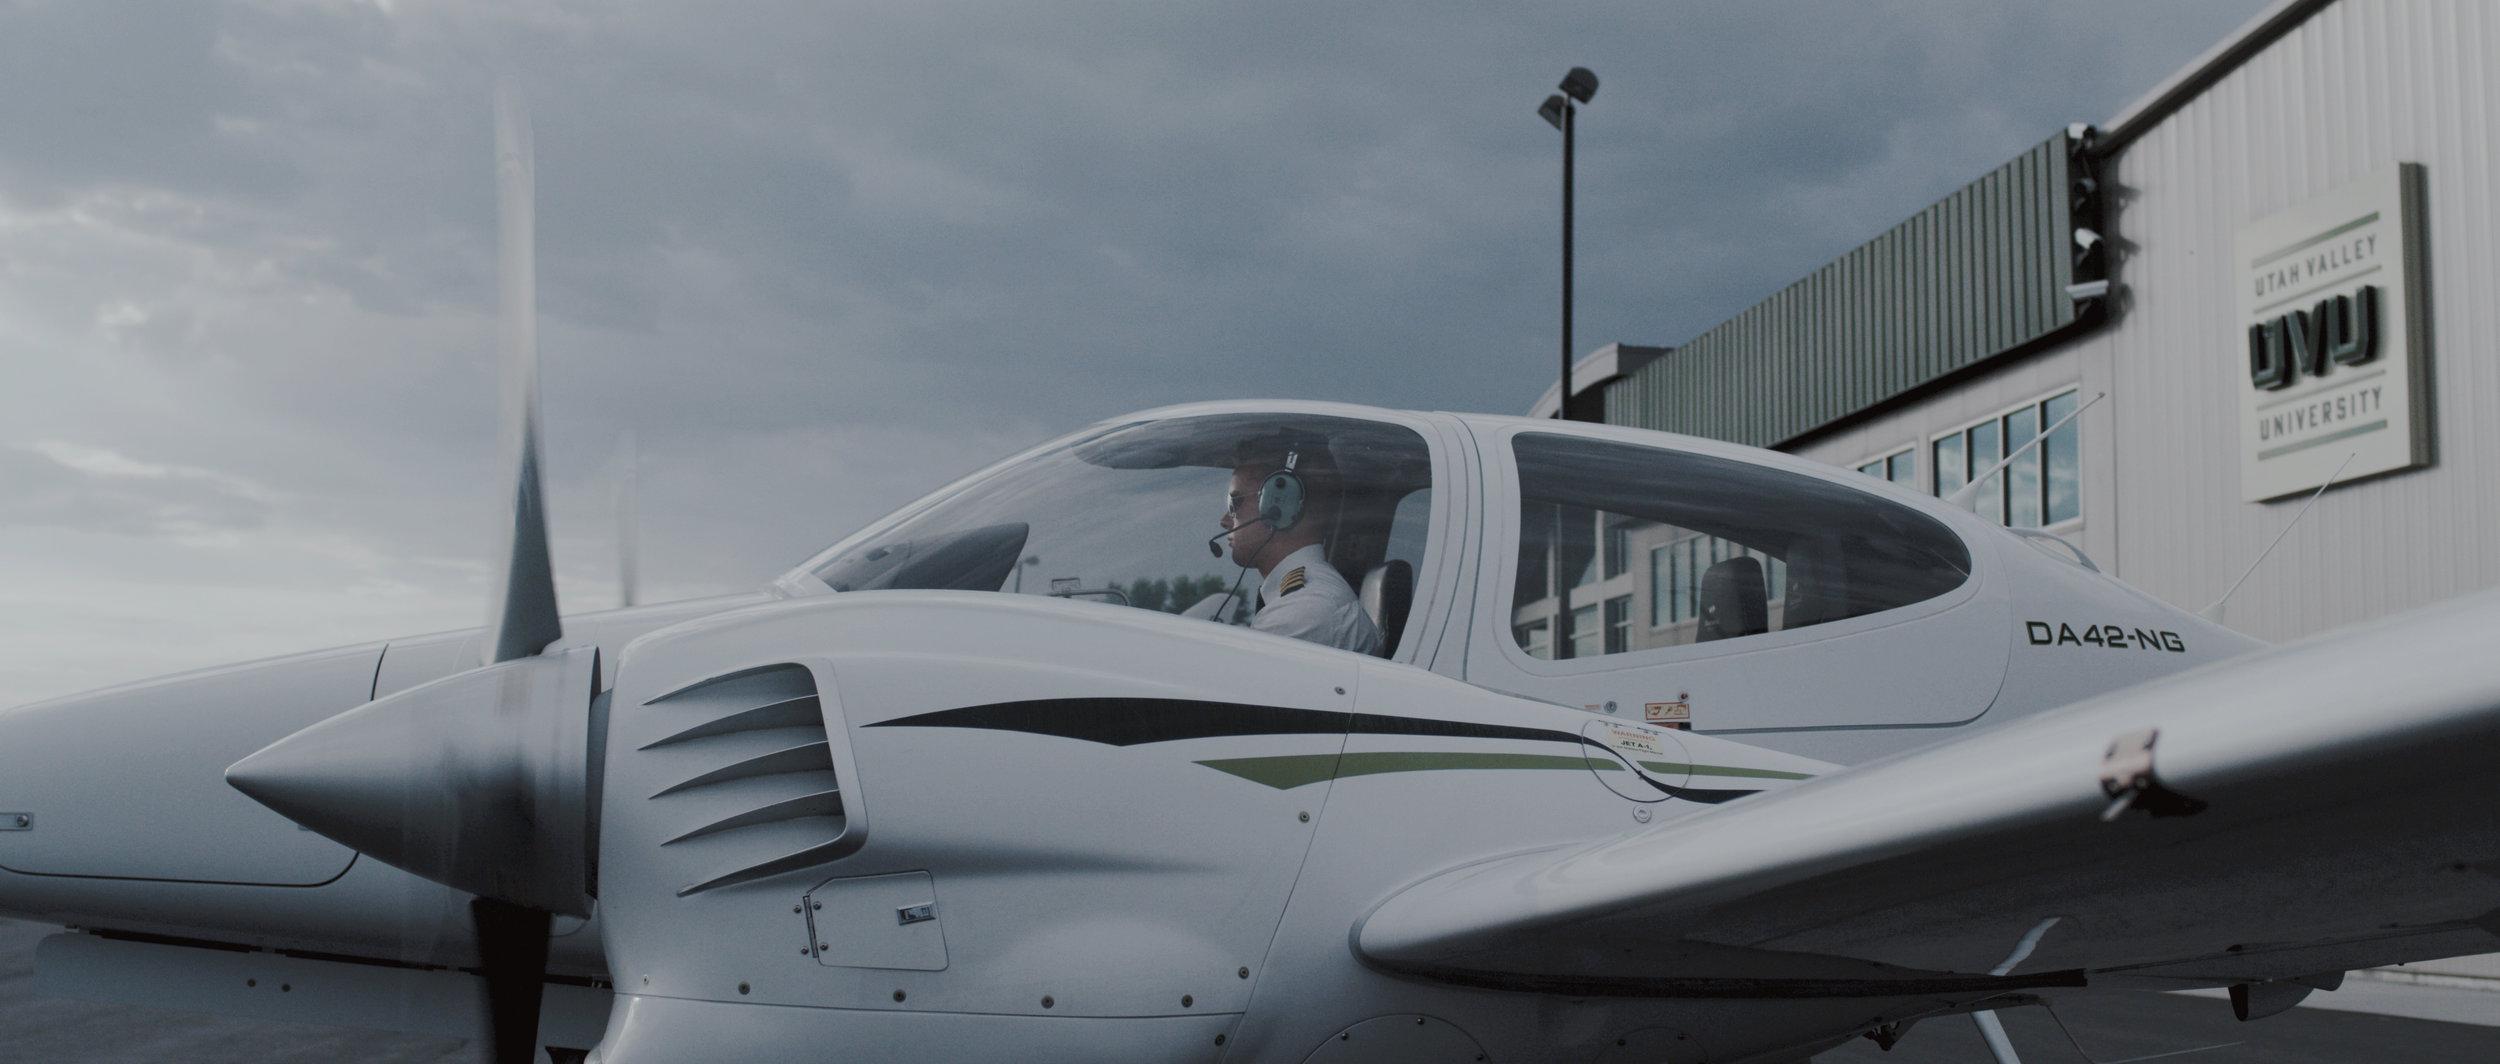 Plane Side Flat Wide.jpg